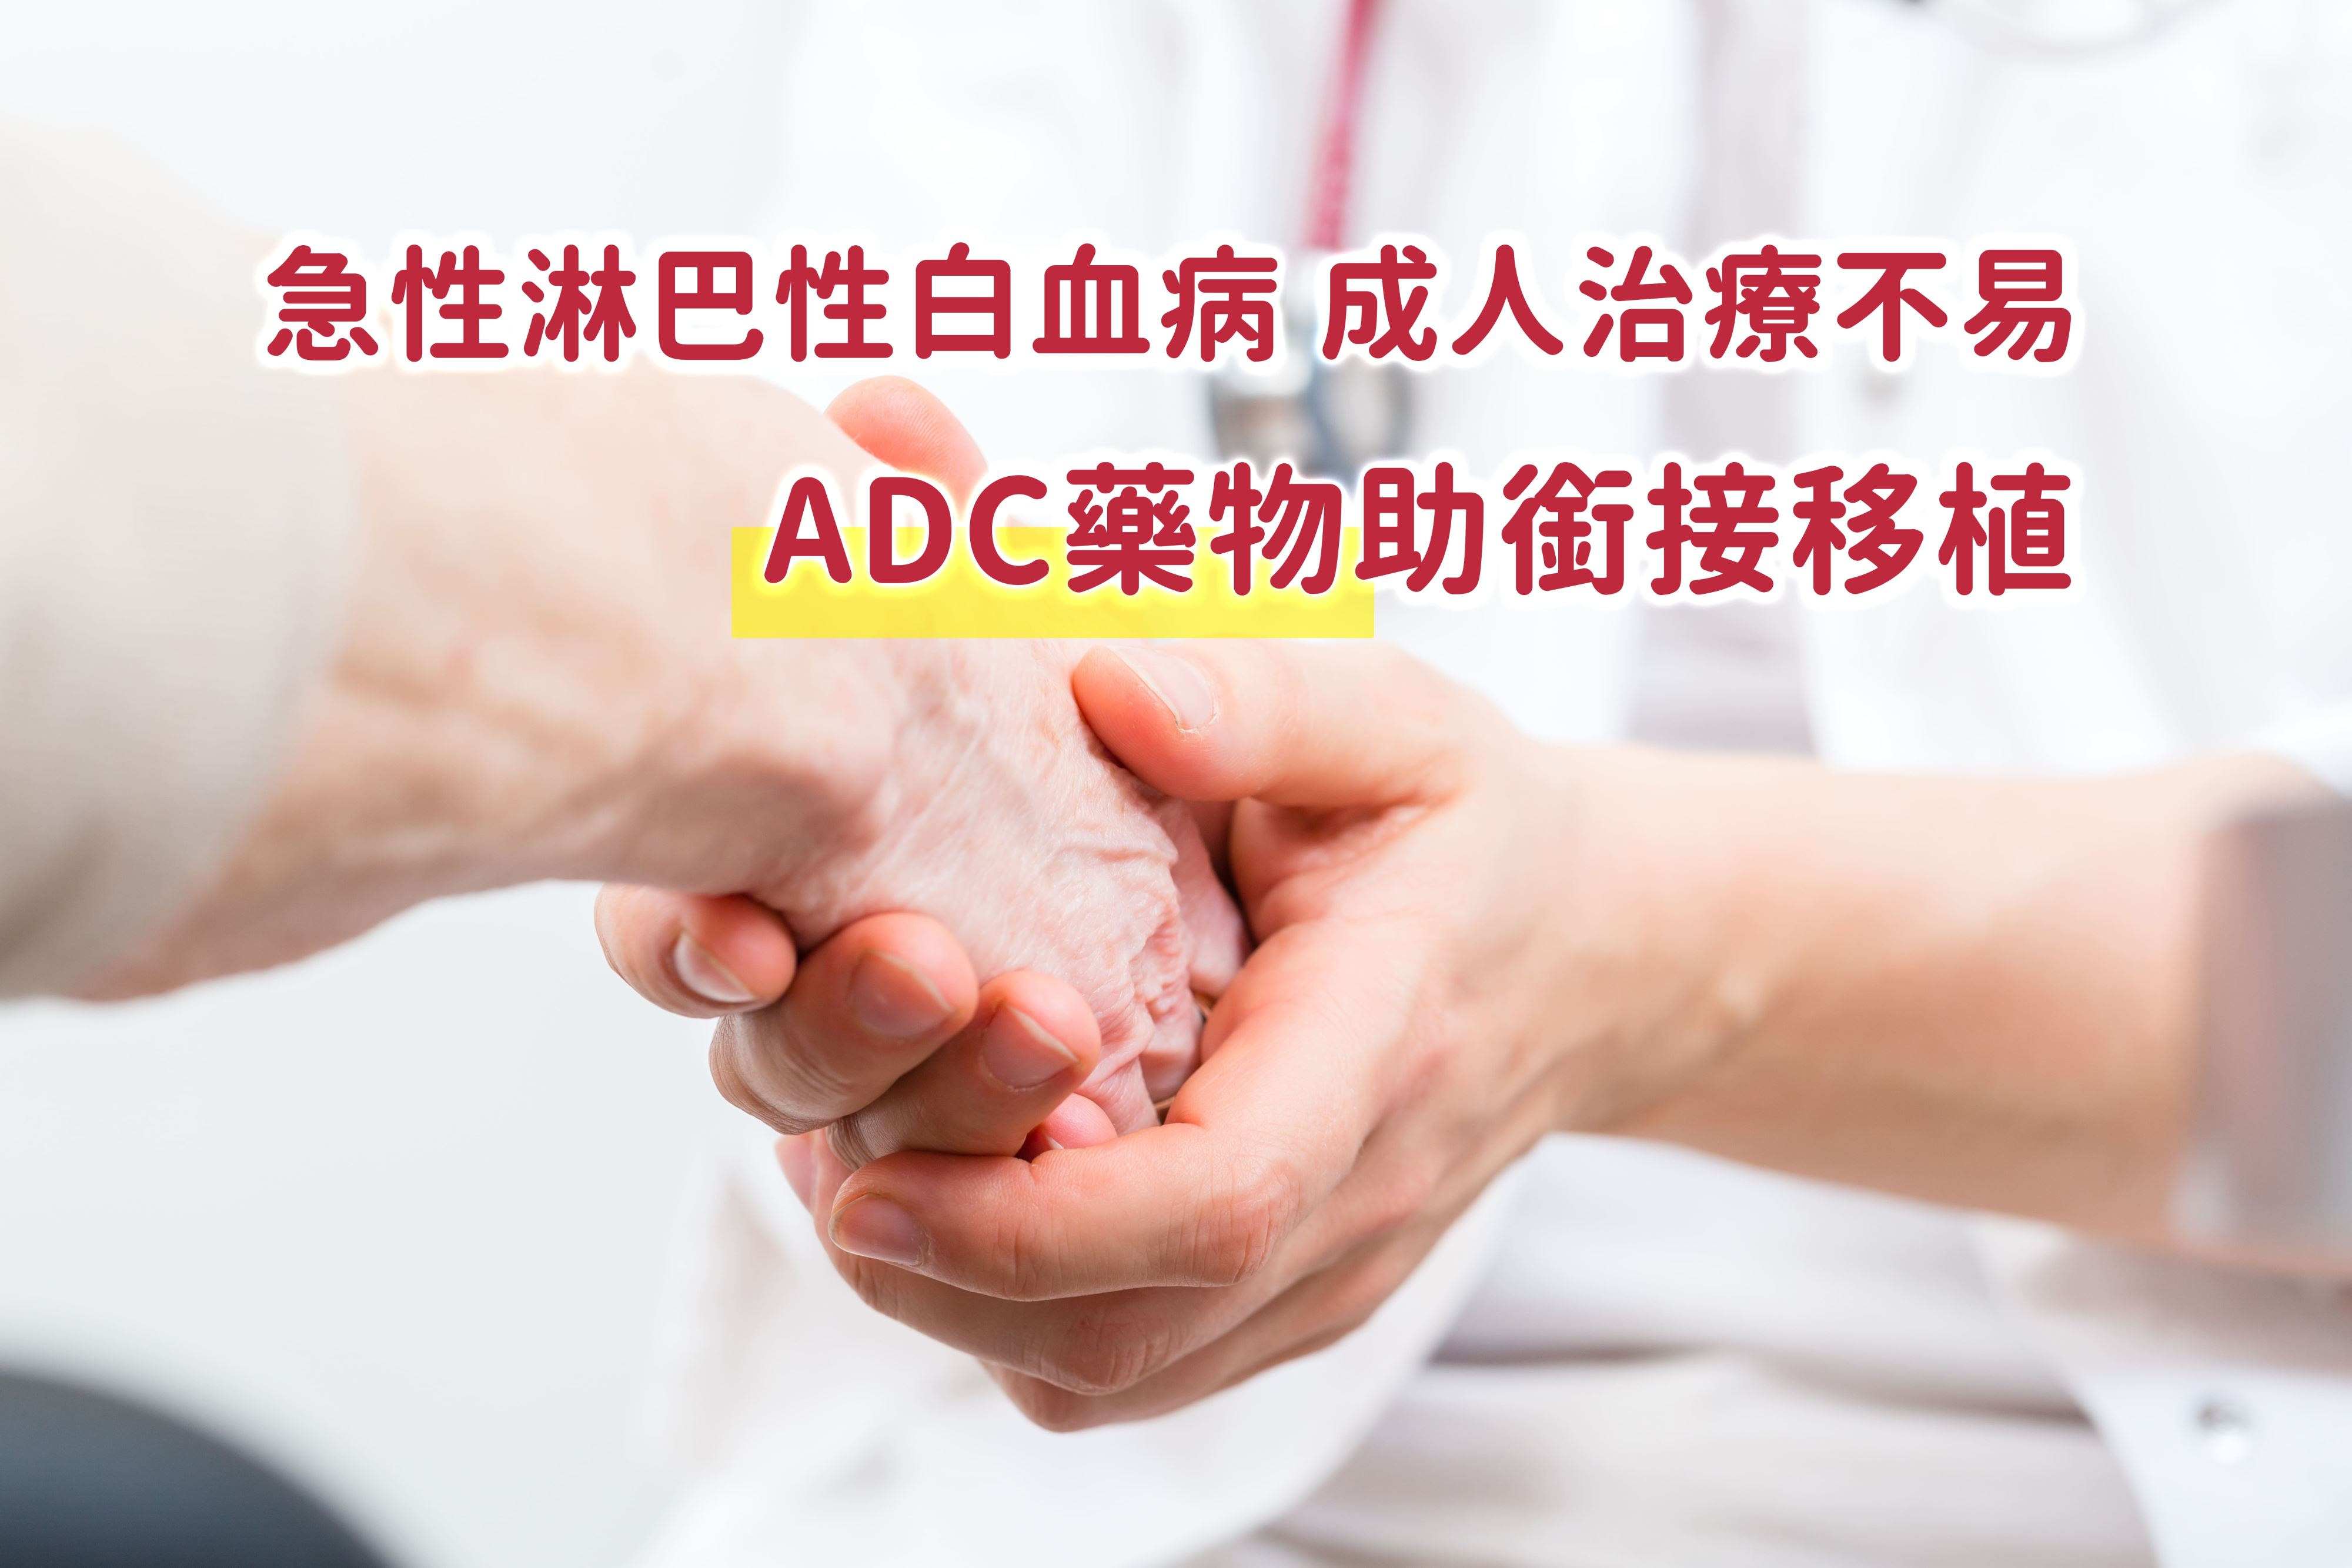 成人急性淋巴性白血病的病程又快又急,民眾務必要有病識感,若出現不明原因的發燒、瘀青或出血,應及早就診檢查,及早治療。